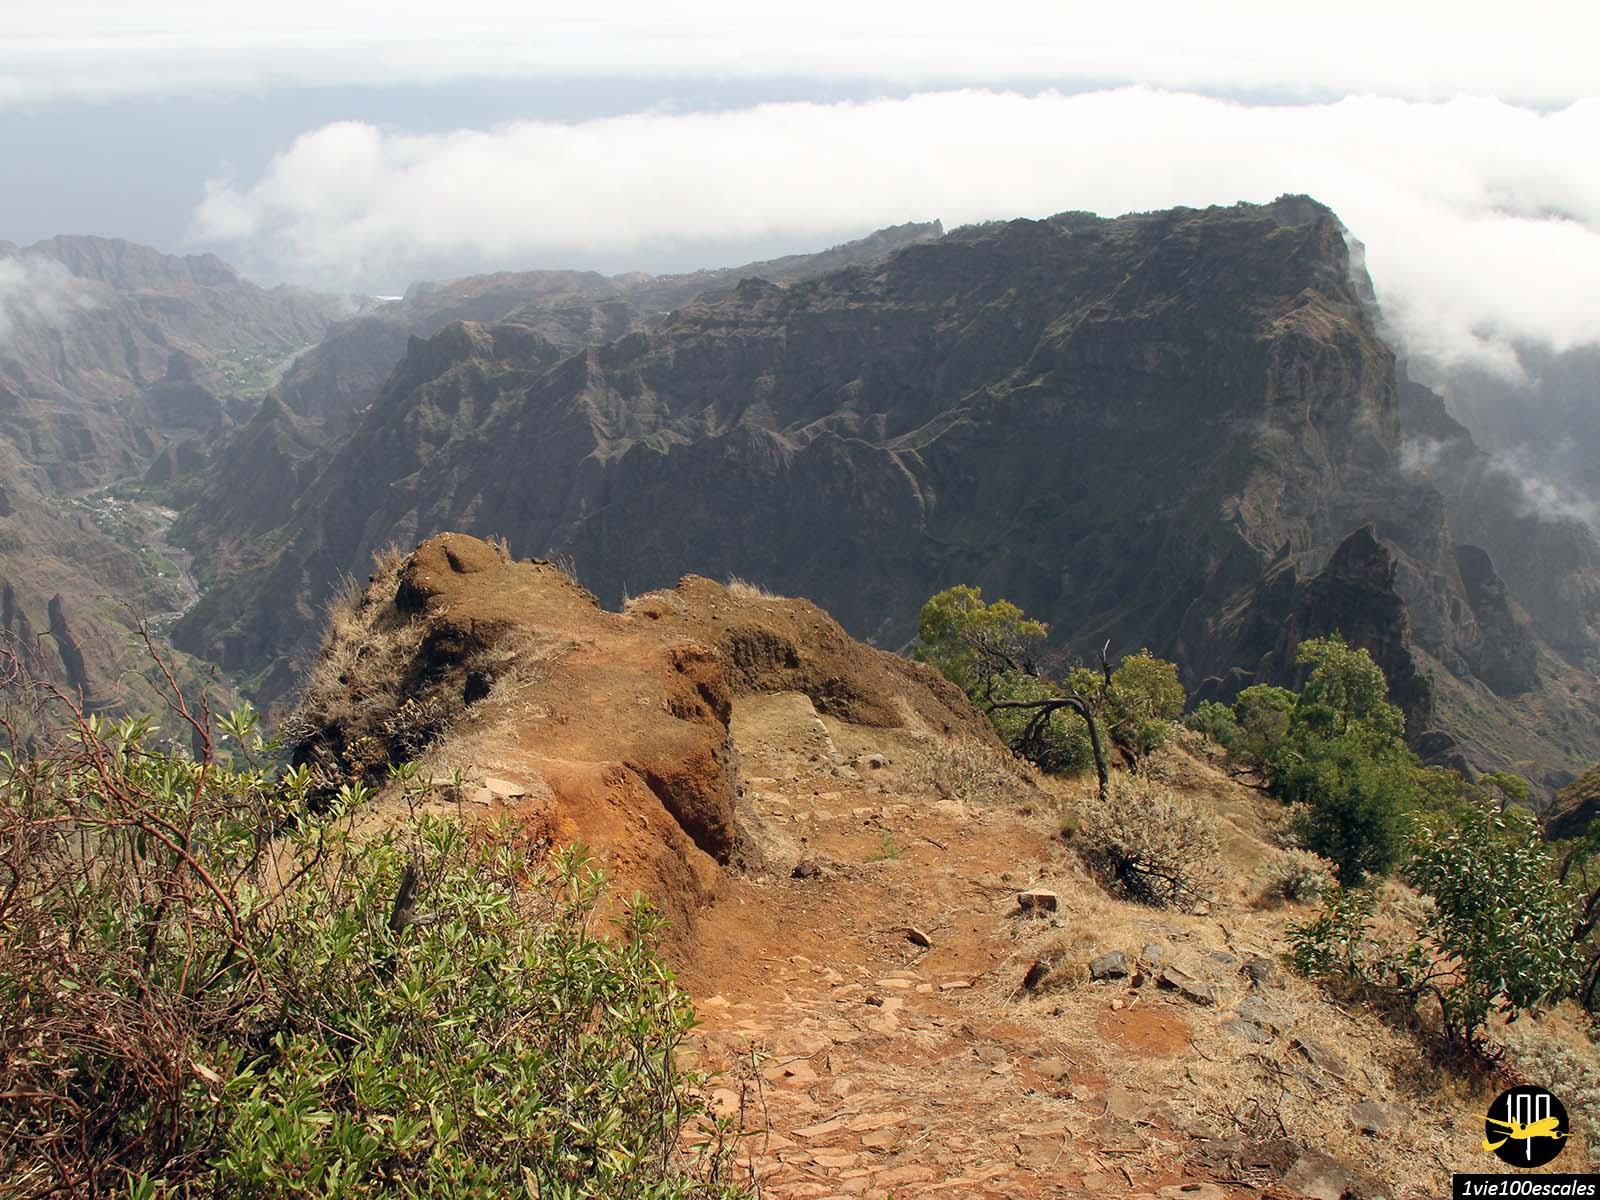 Les magnifiques paysages de l'île de Santo Antao au Cap Vert